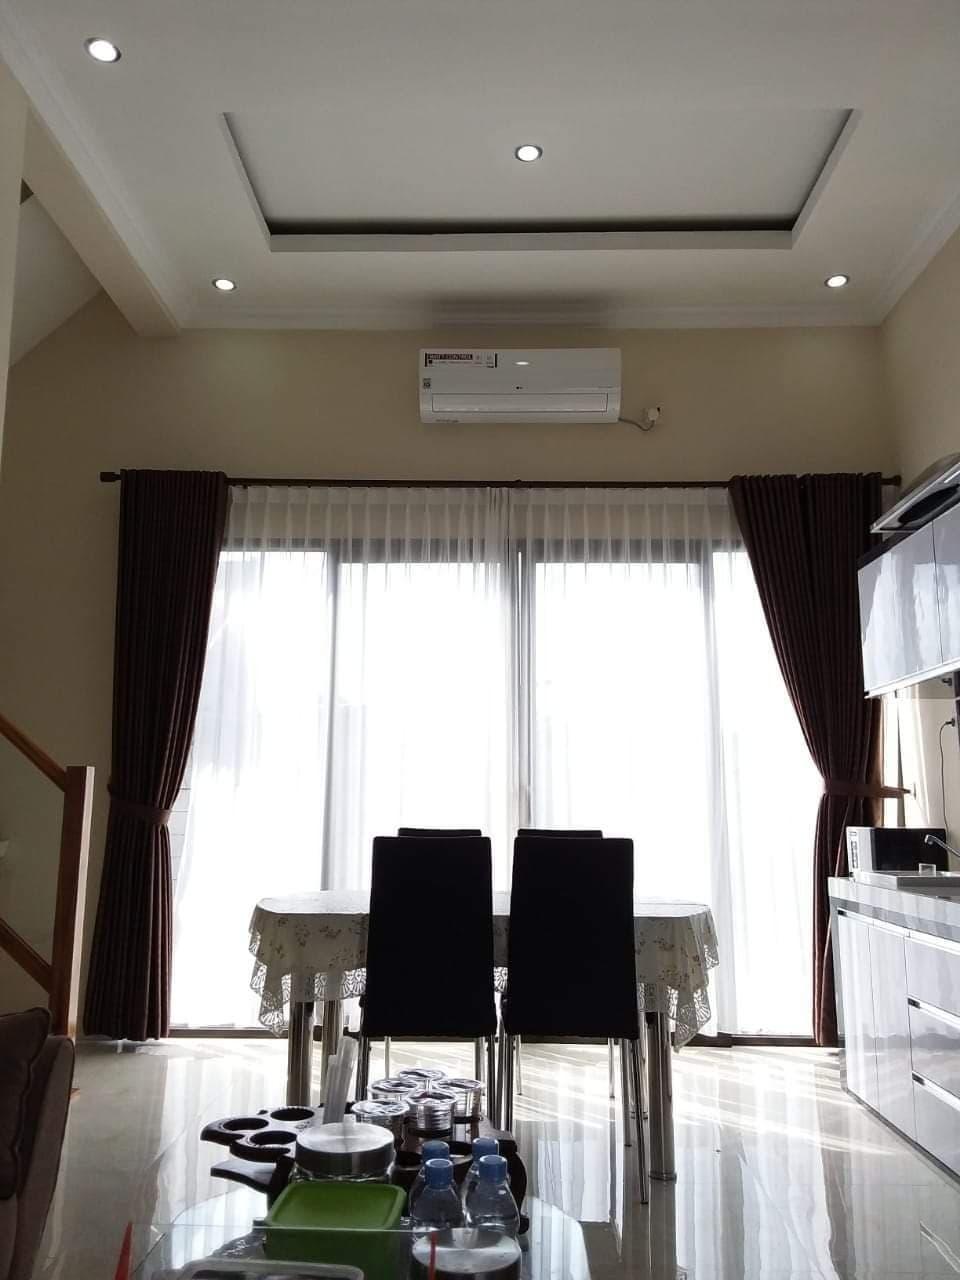 Beli Rumah Resort Type 82 di Jogja Gratis Beli Rumah Type 36 4